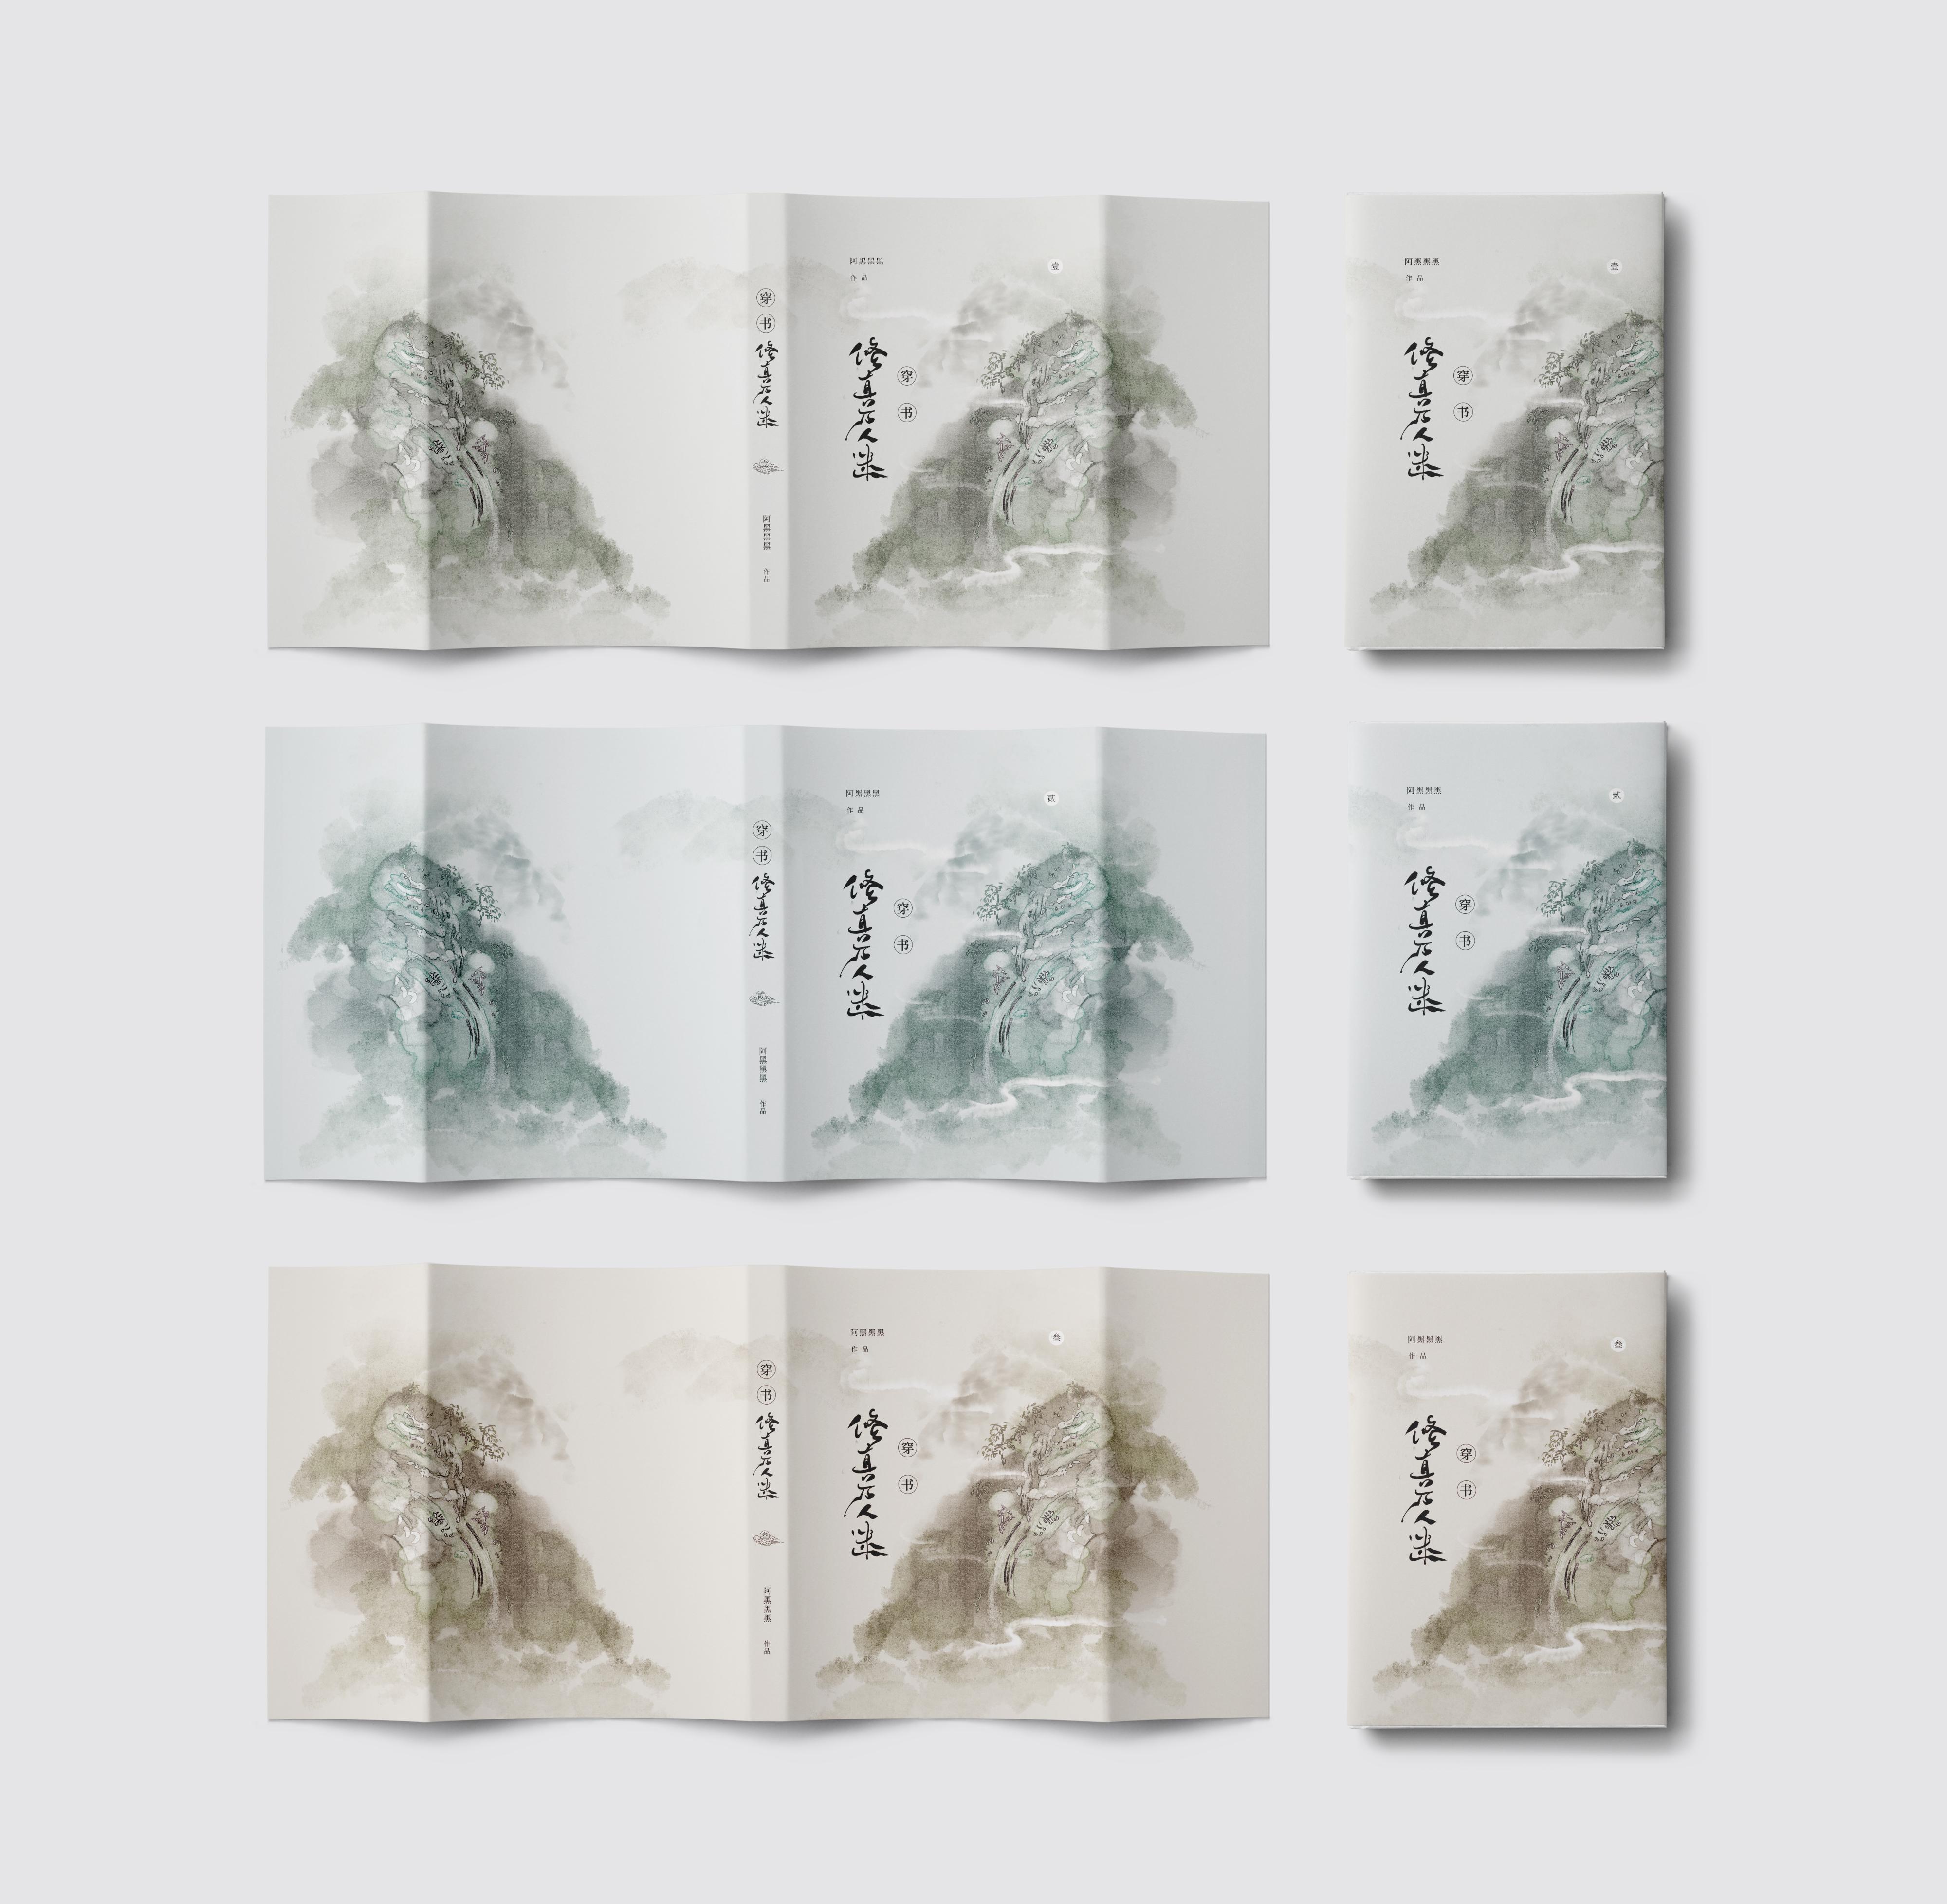 书籍装帧设计【古风篇】图片